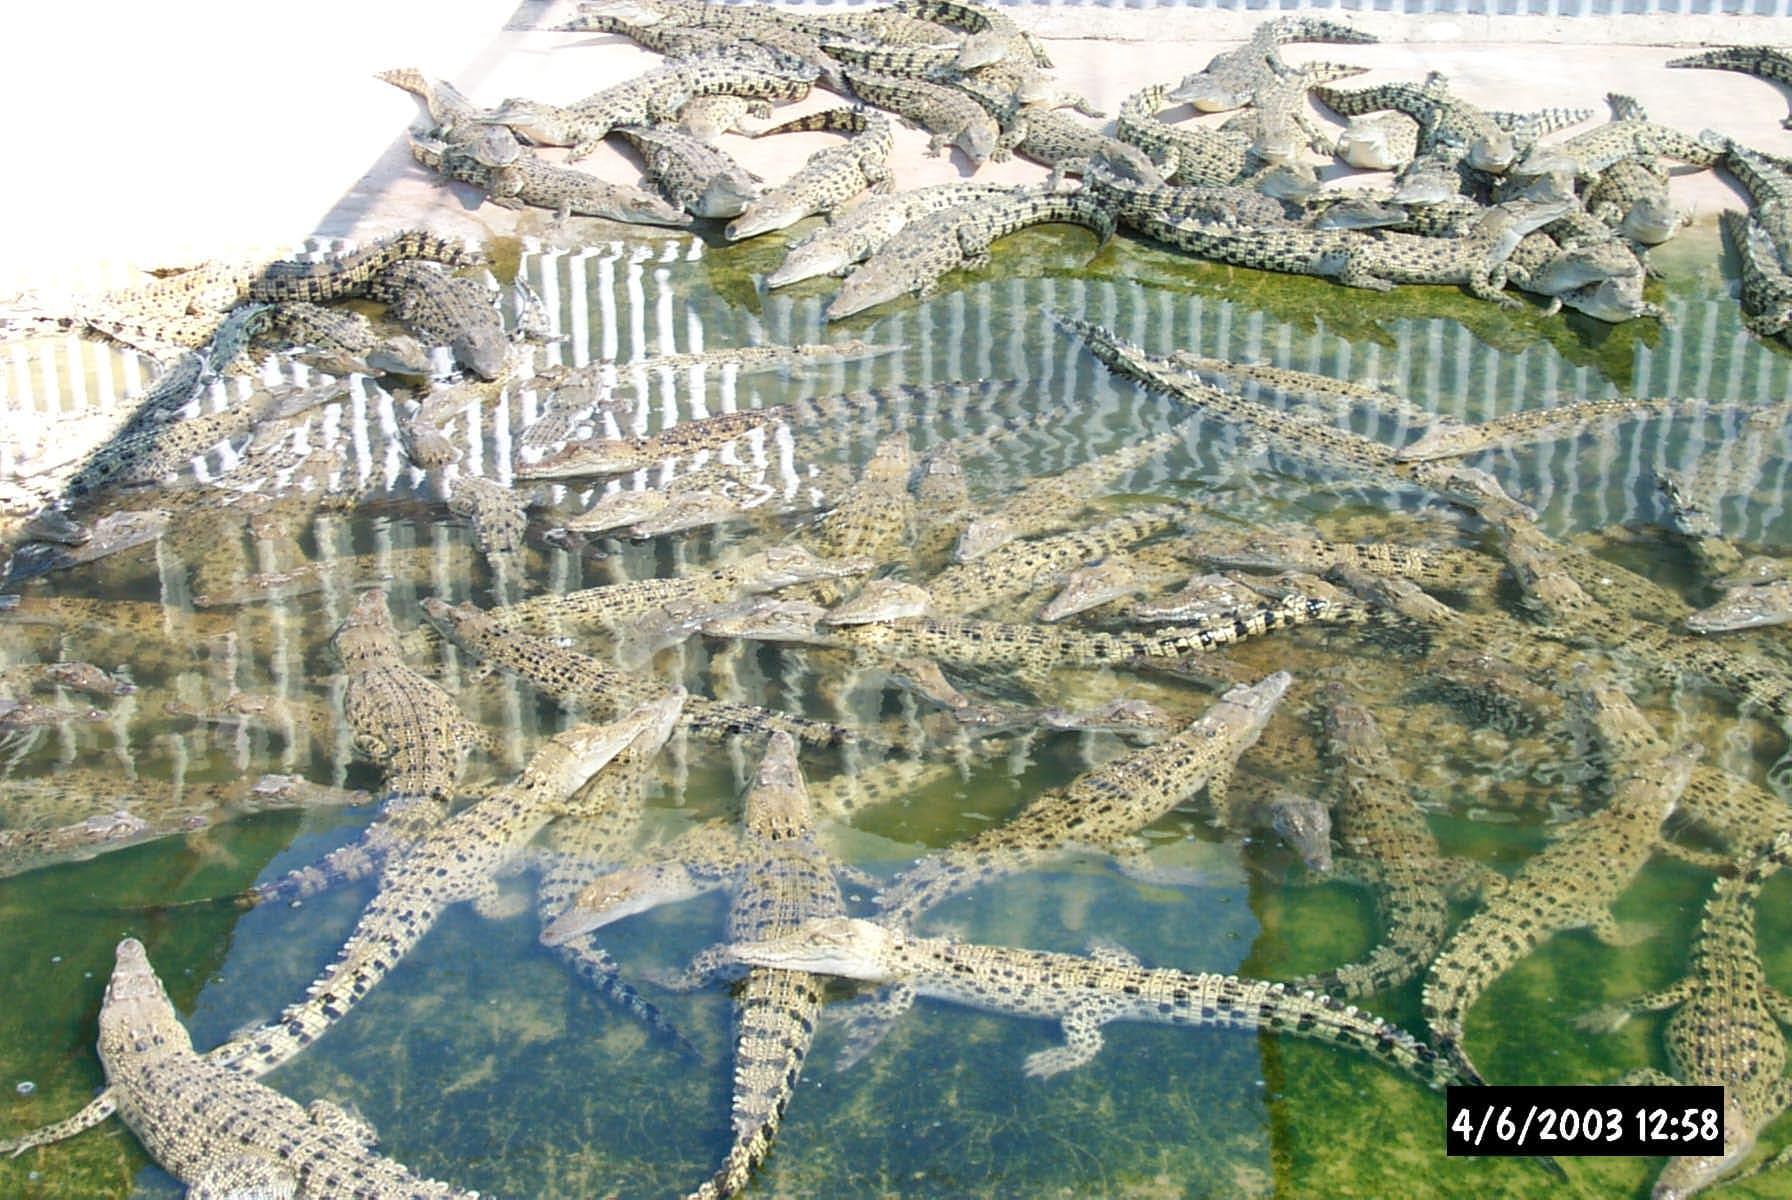 Crocodile farming